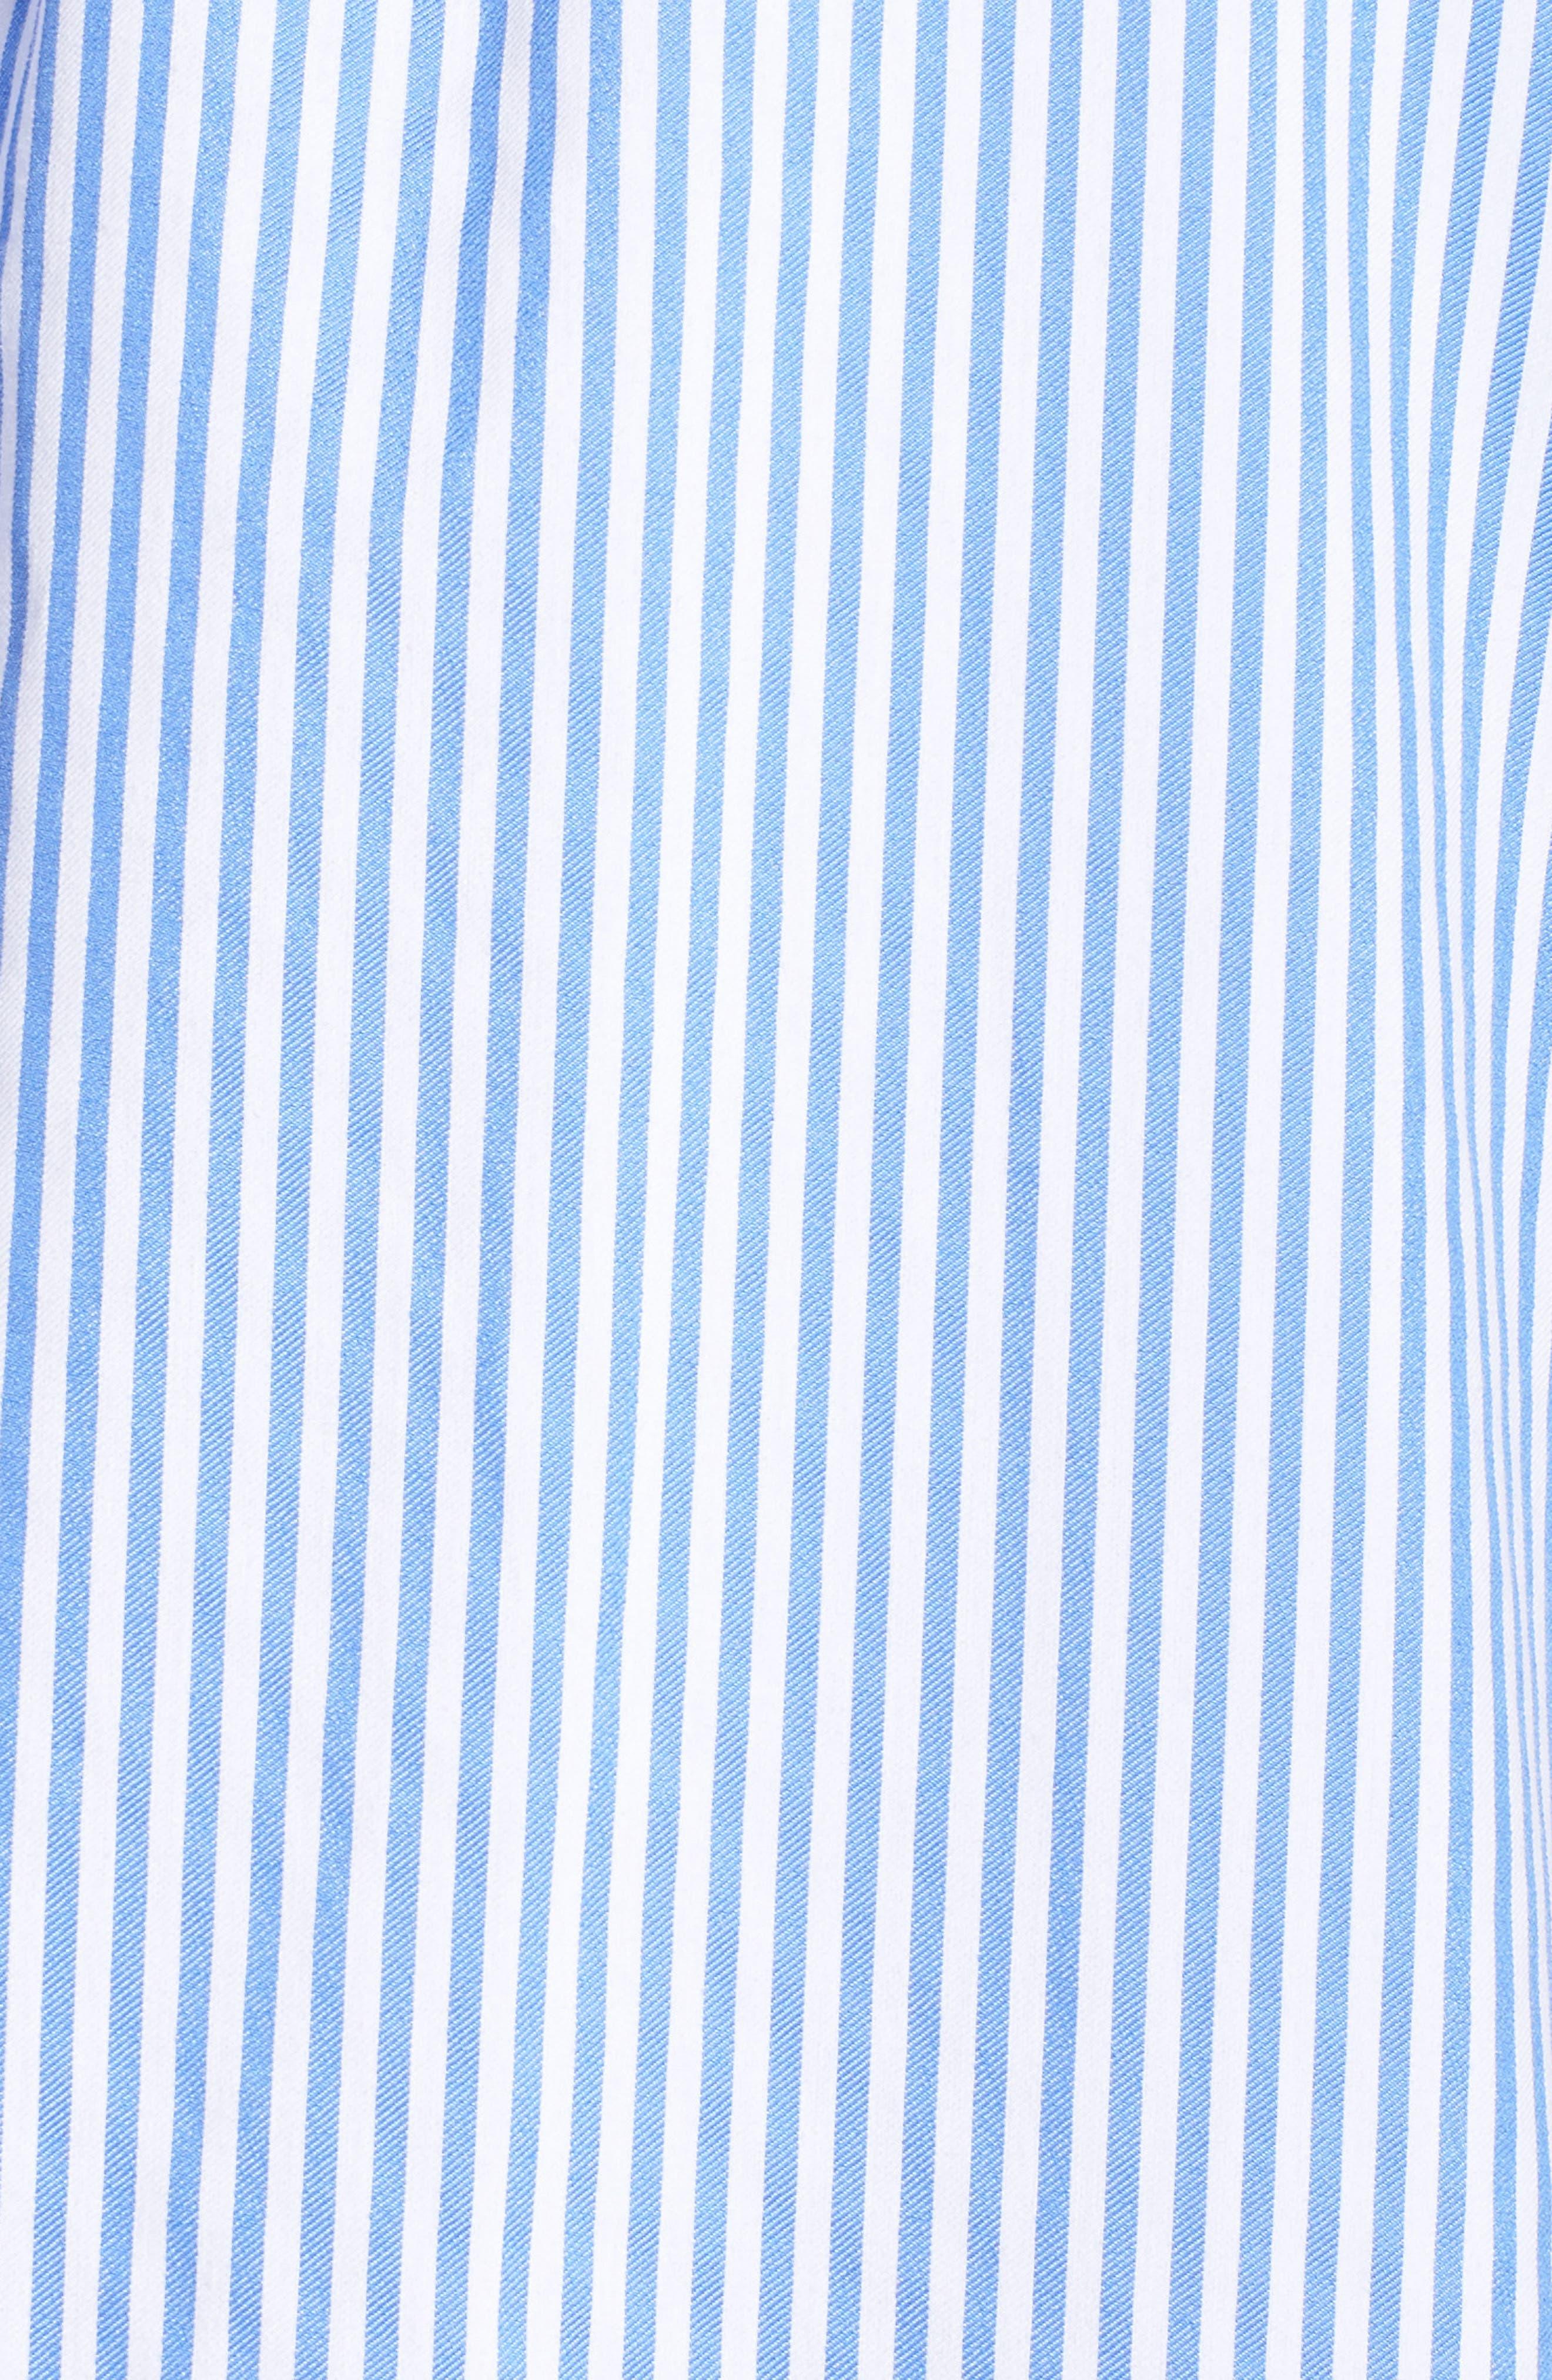 Stripe Cold Shoulder Shift Dress,                             Alternate thumbnail 6, color,                             410